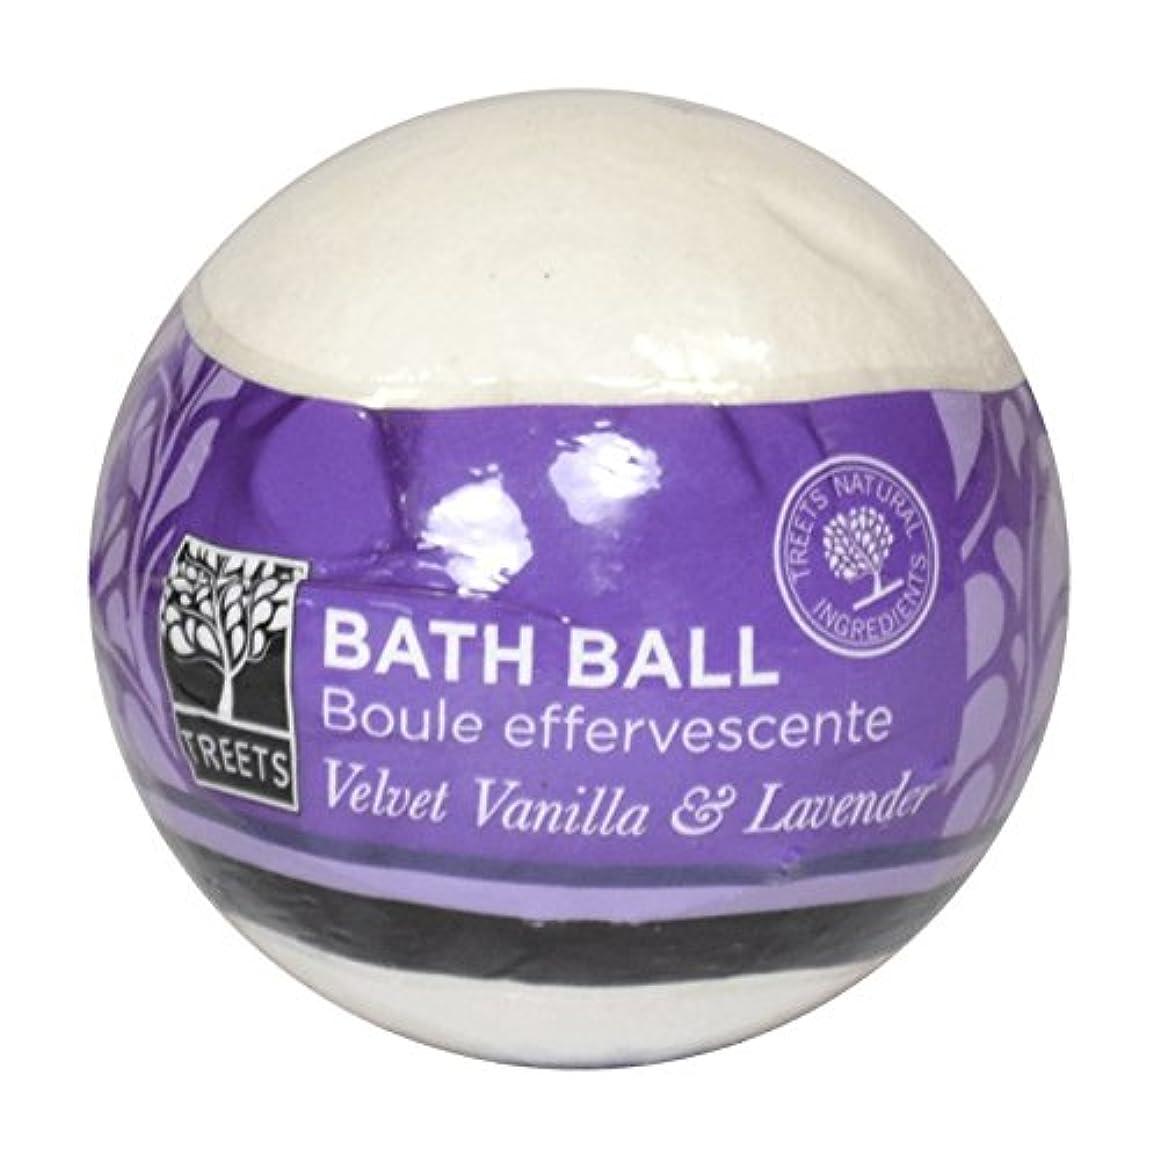 リマ脈拍君主Treetsベルベットのバニラ&ラベンダーバスボール - Treets Velvet Vanilla & Lavender Bath Ball (Treets) [並行輸入品]